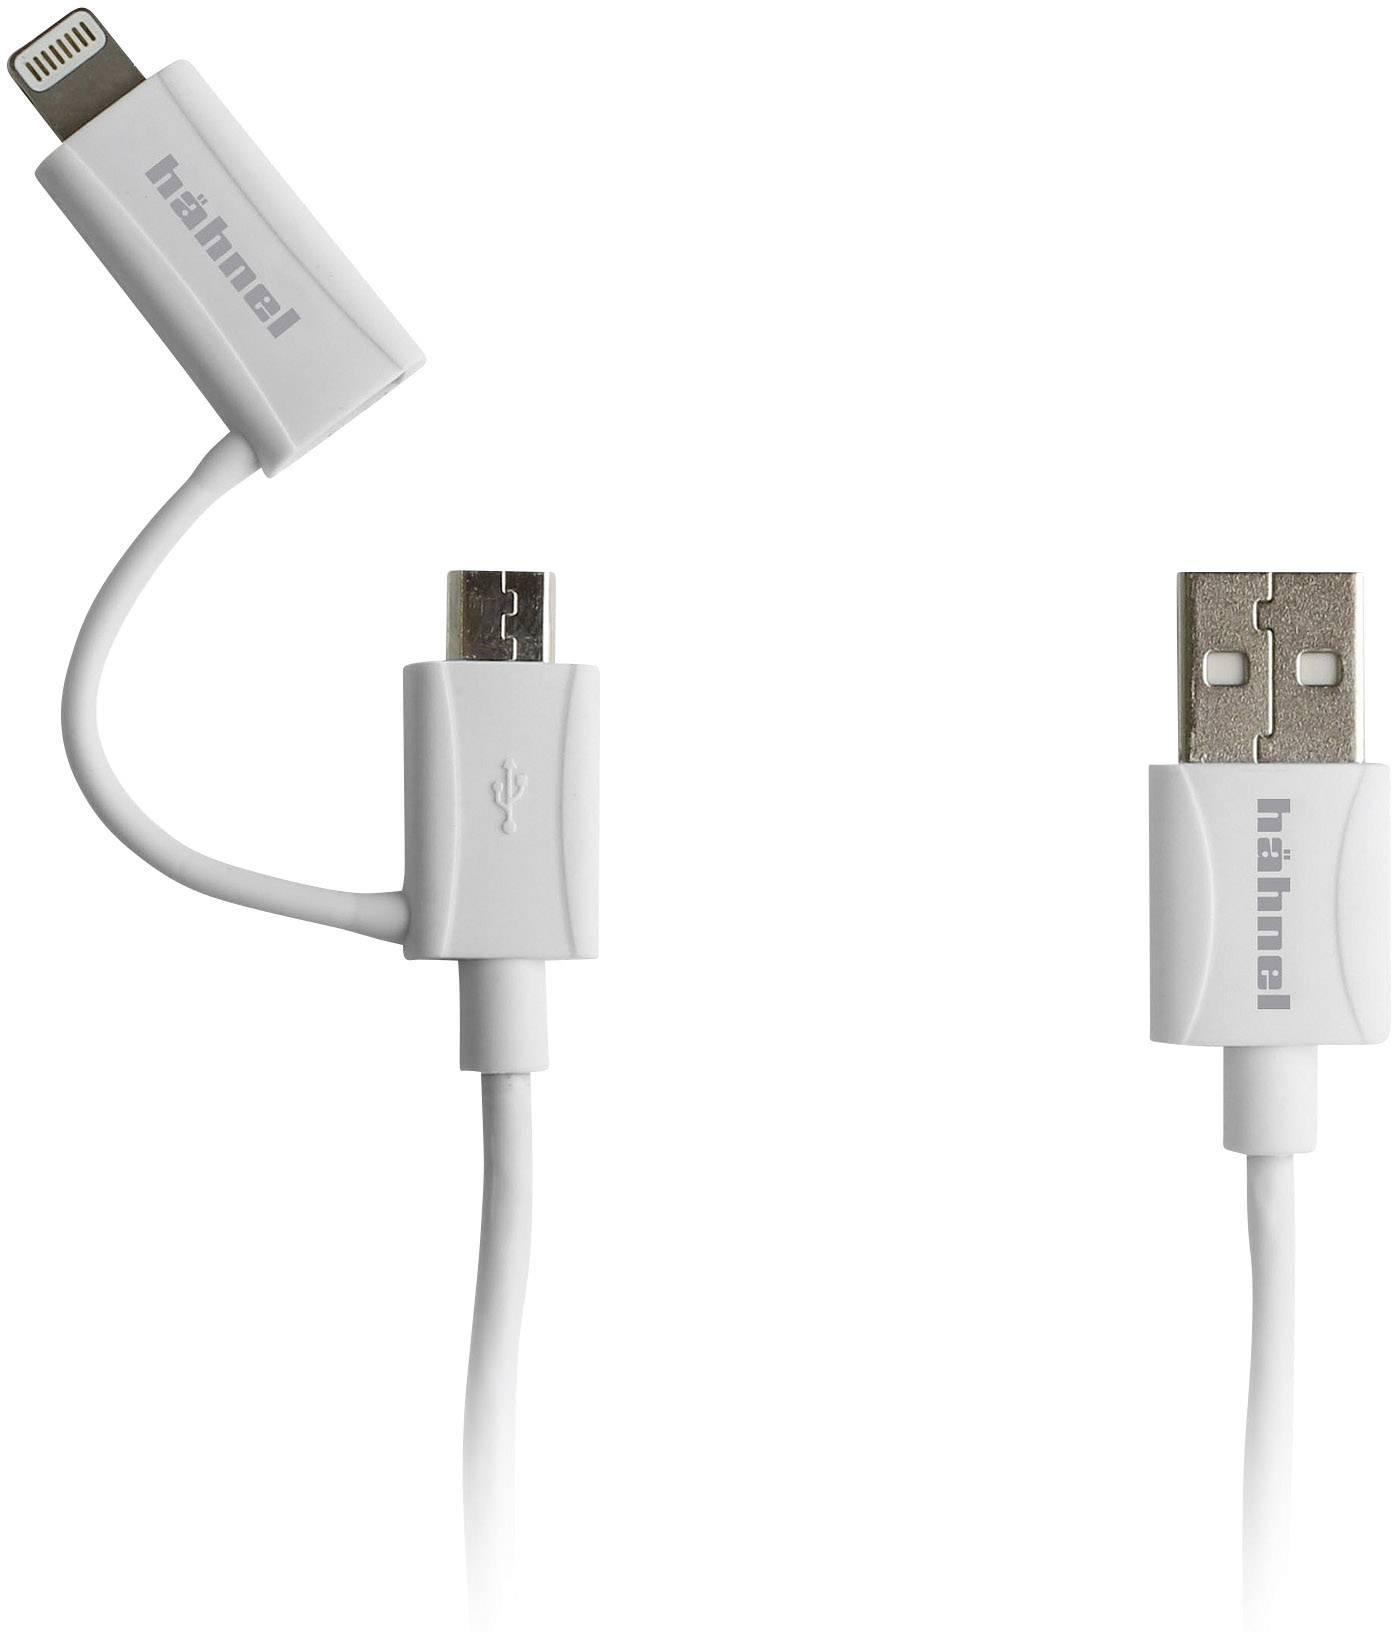 Nabíjací kábel Hähnel Fototechnik 2in1 Micro-USB, Lightning 10006520